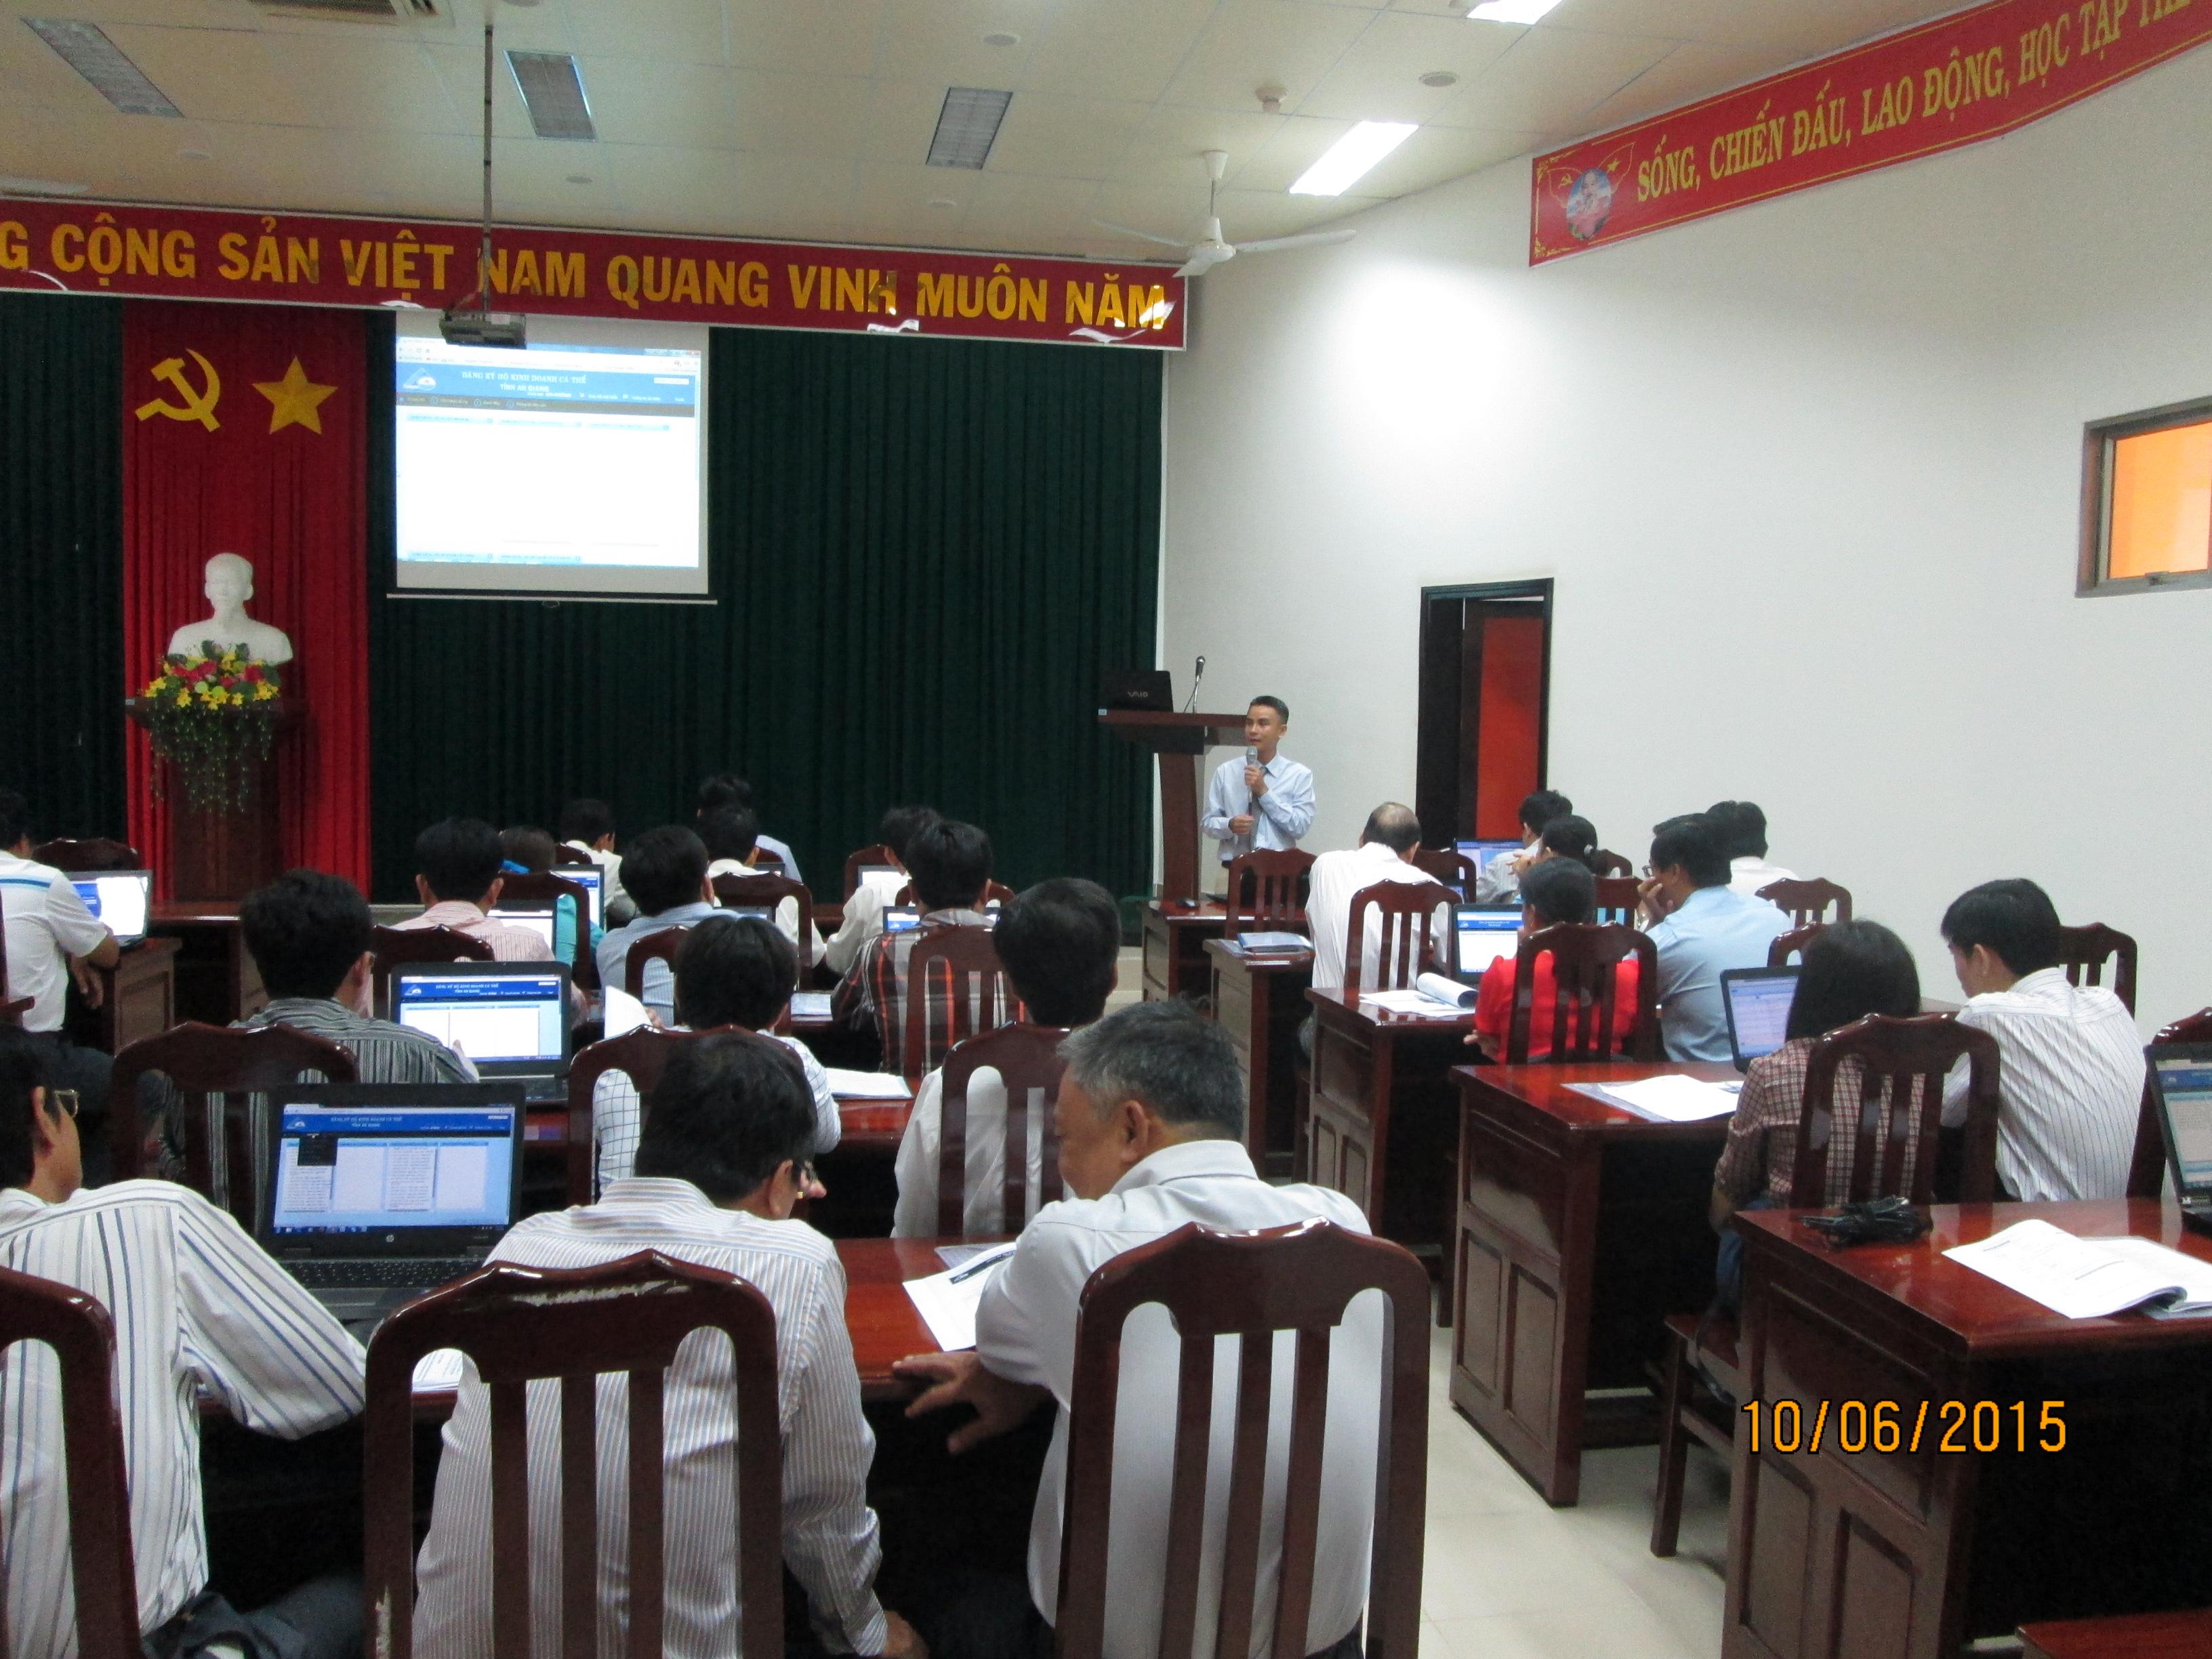 Tập huấn Hô kinh doanh tỉnh An Giang